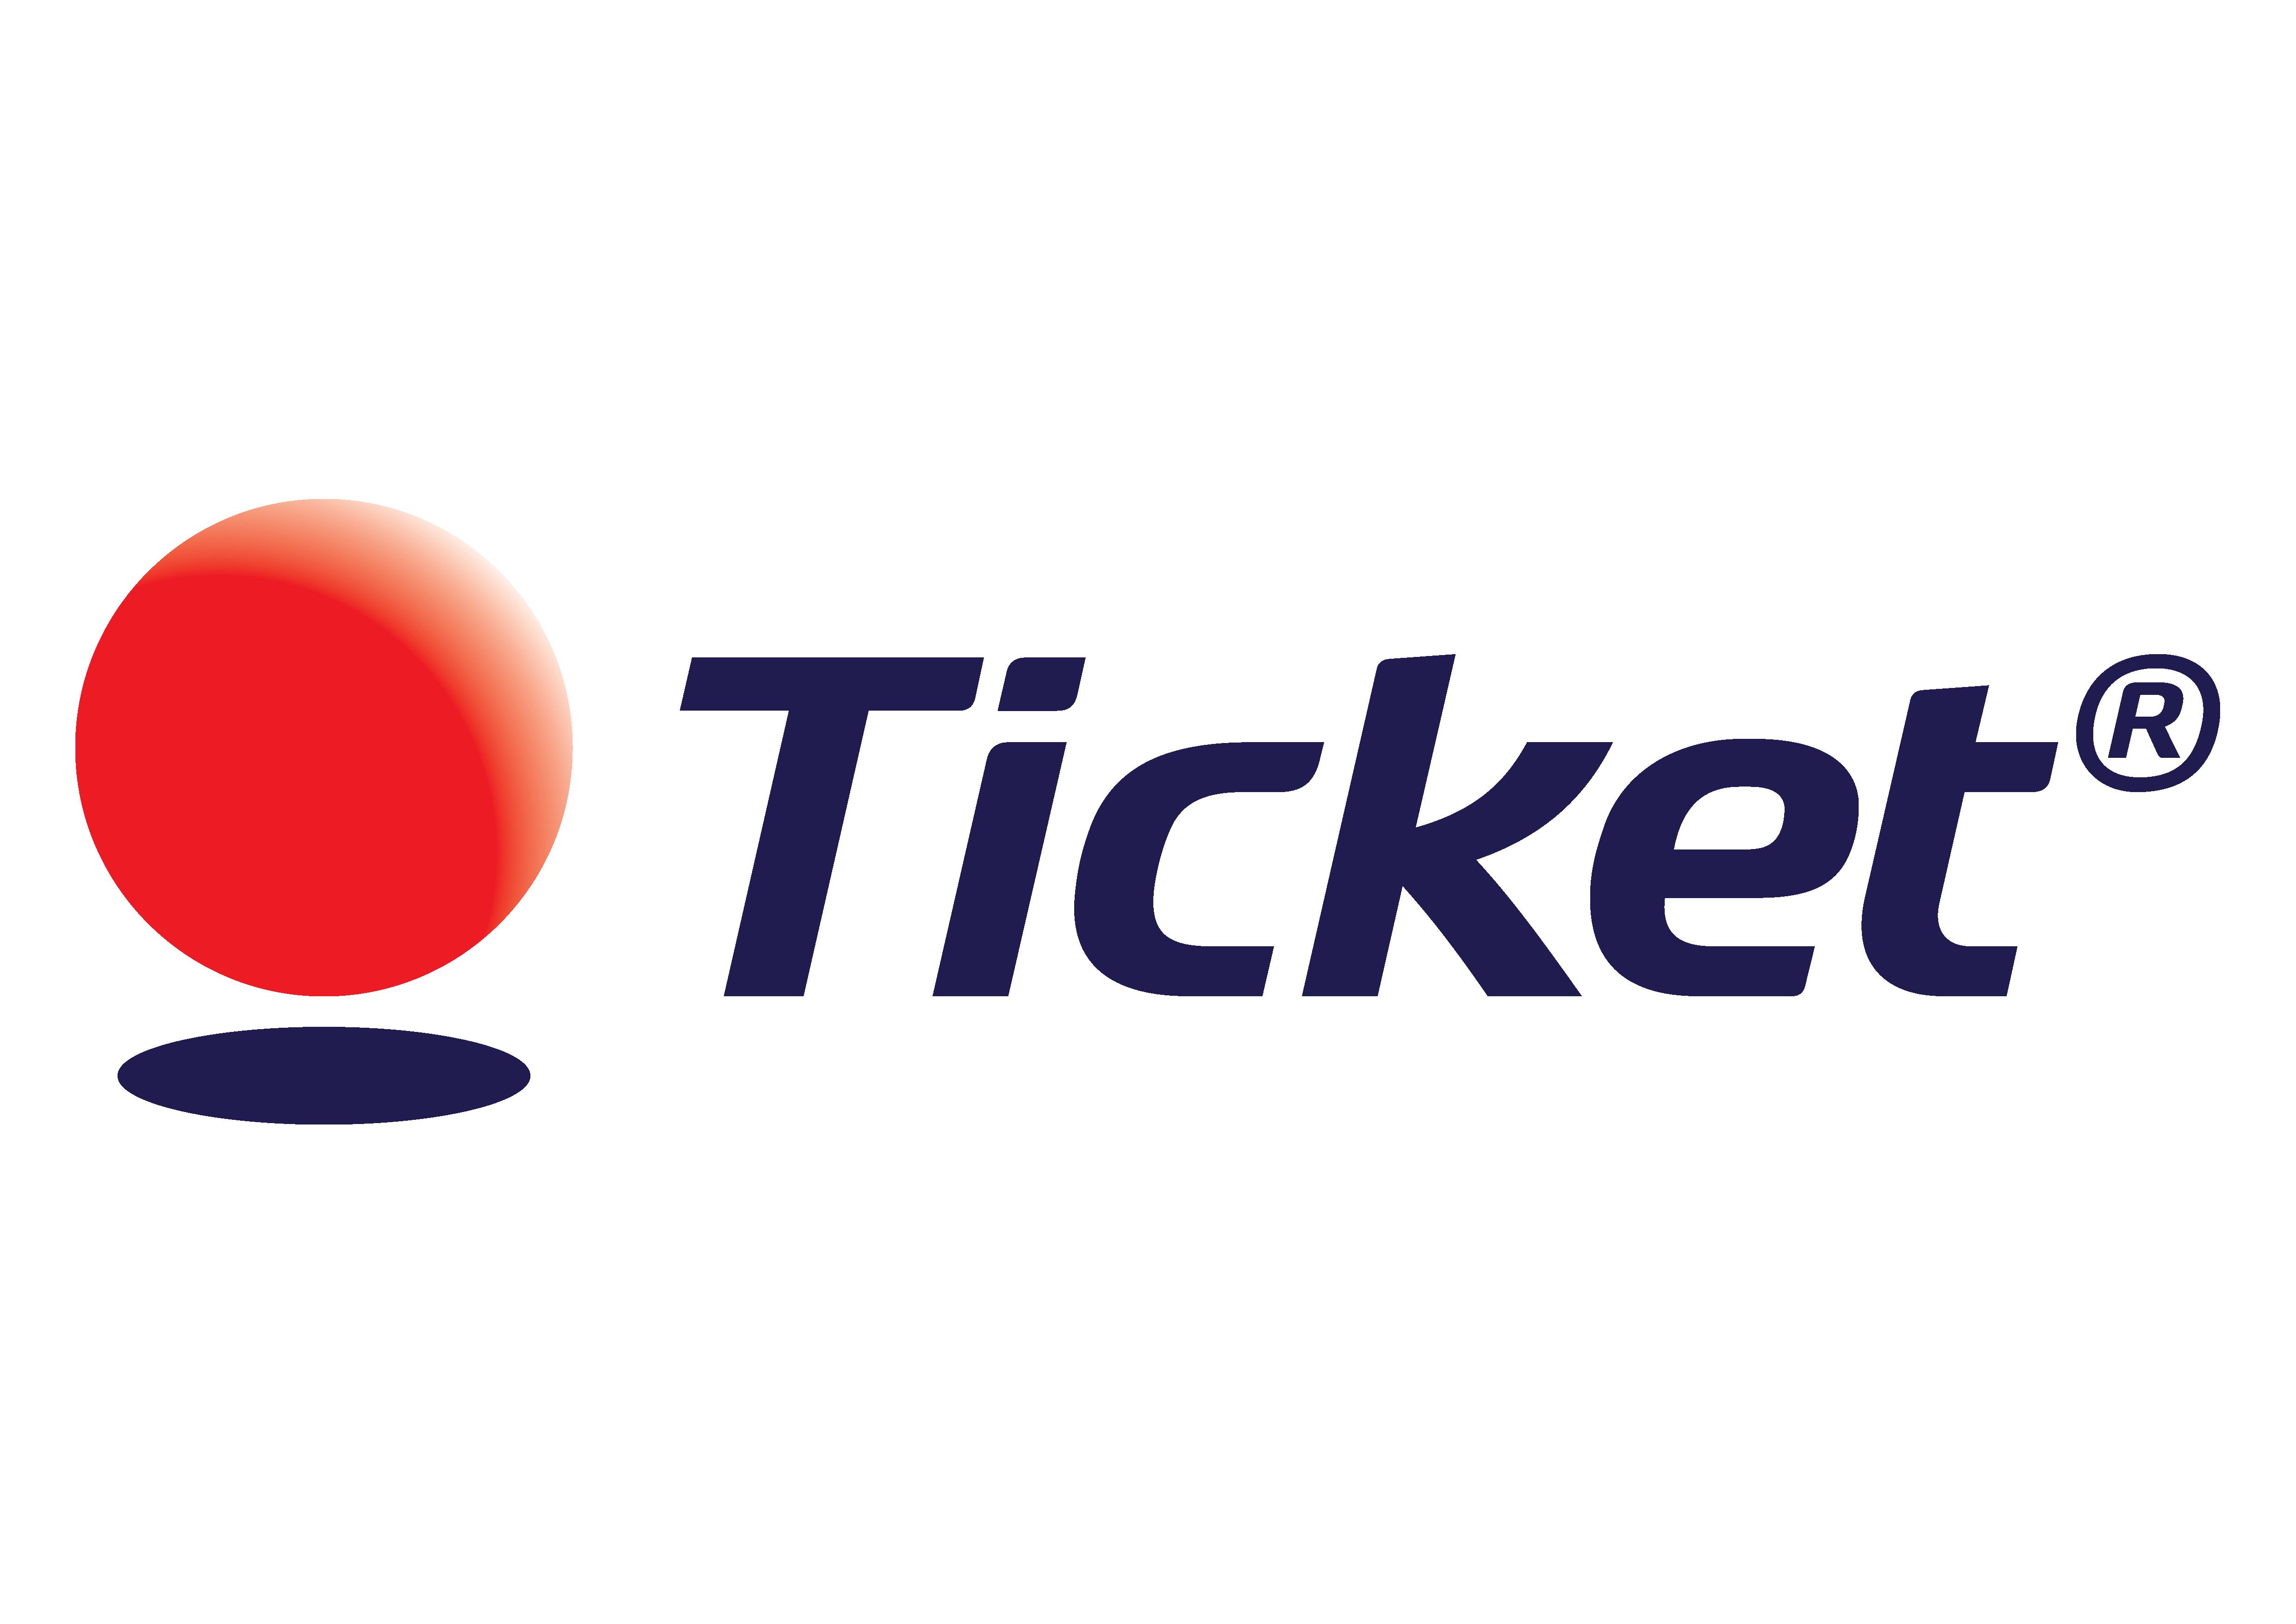 ticket logo, ticket alimentação logo.